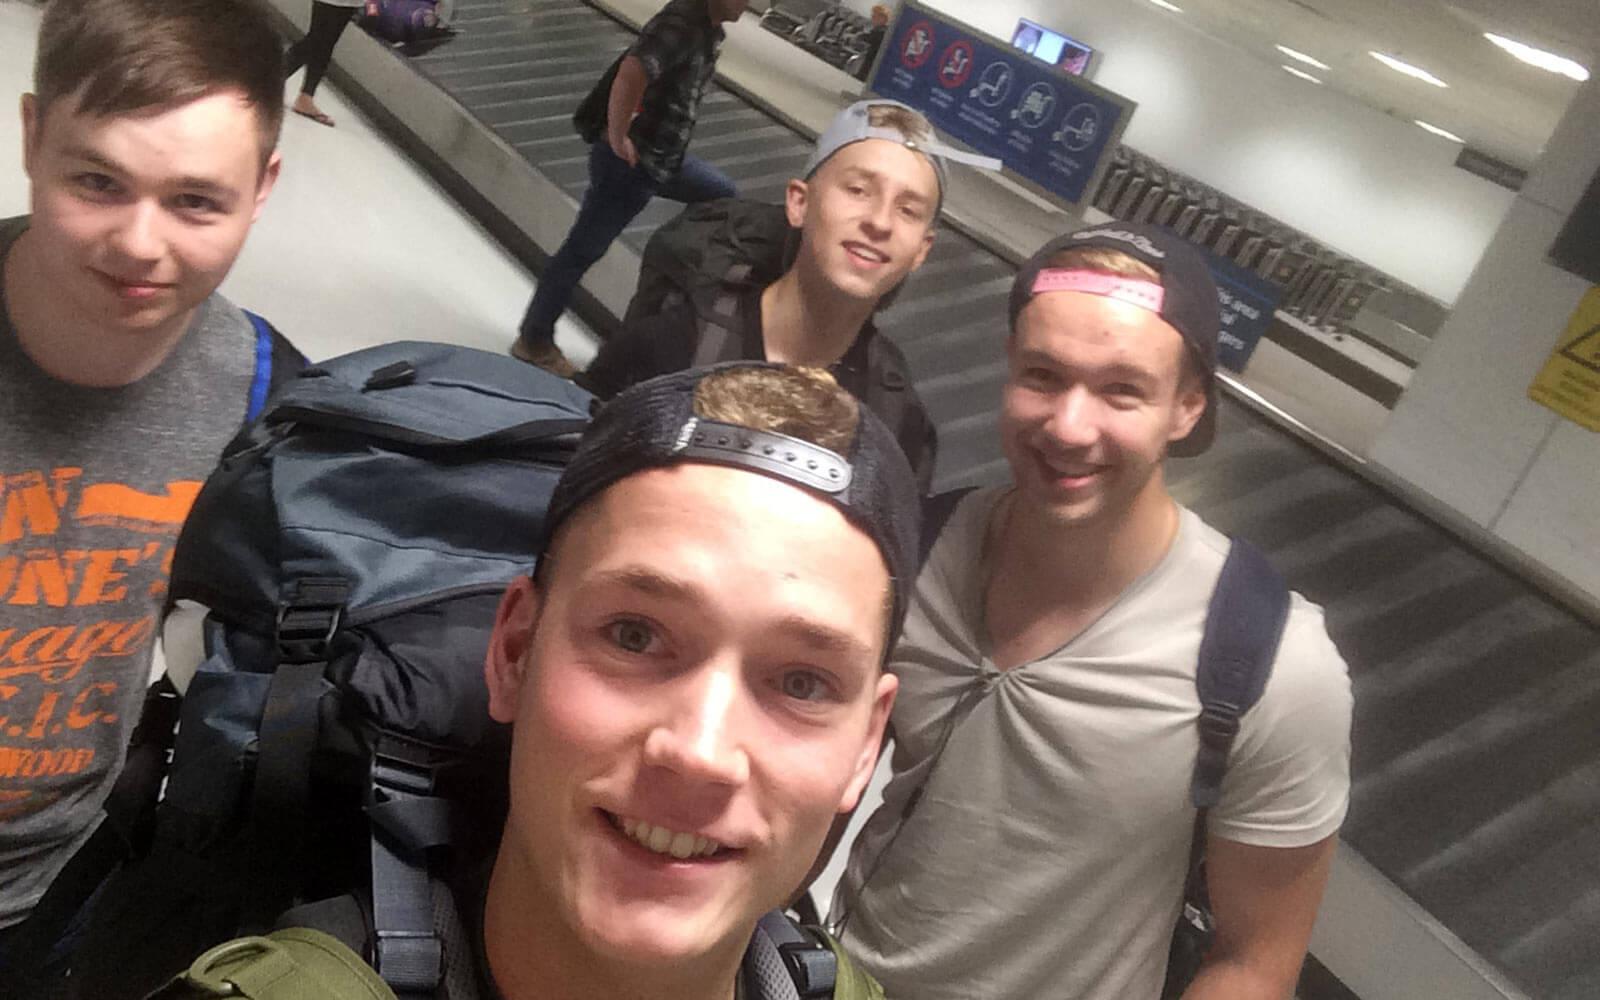 Max und andere Backpacker am Flughafen in Sydney